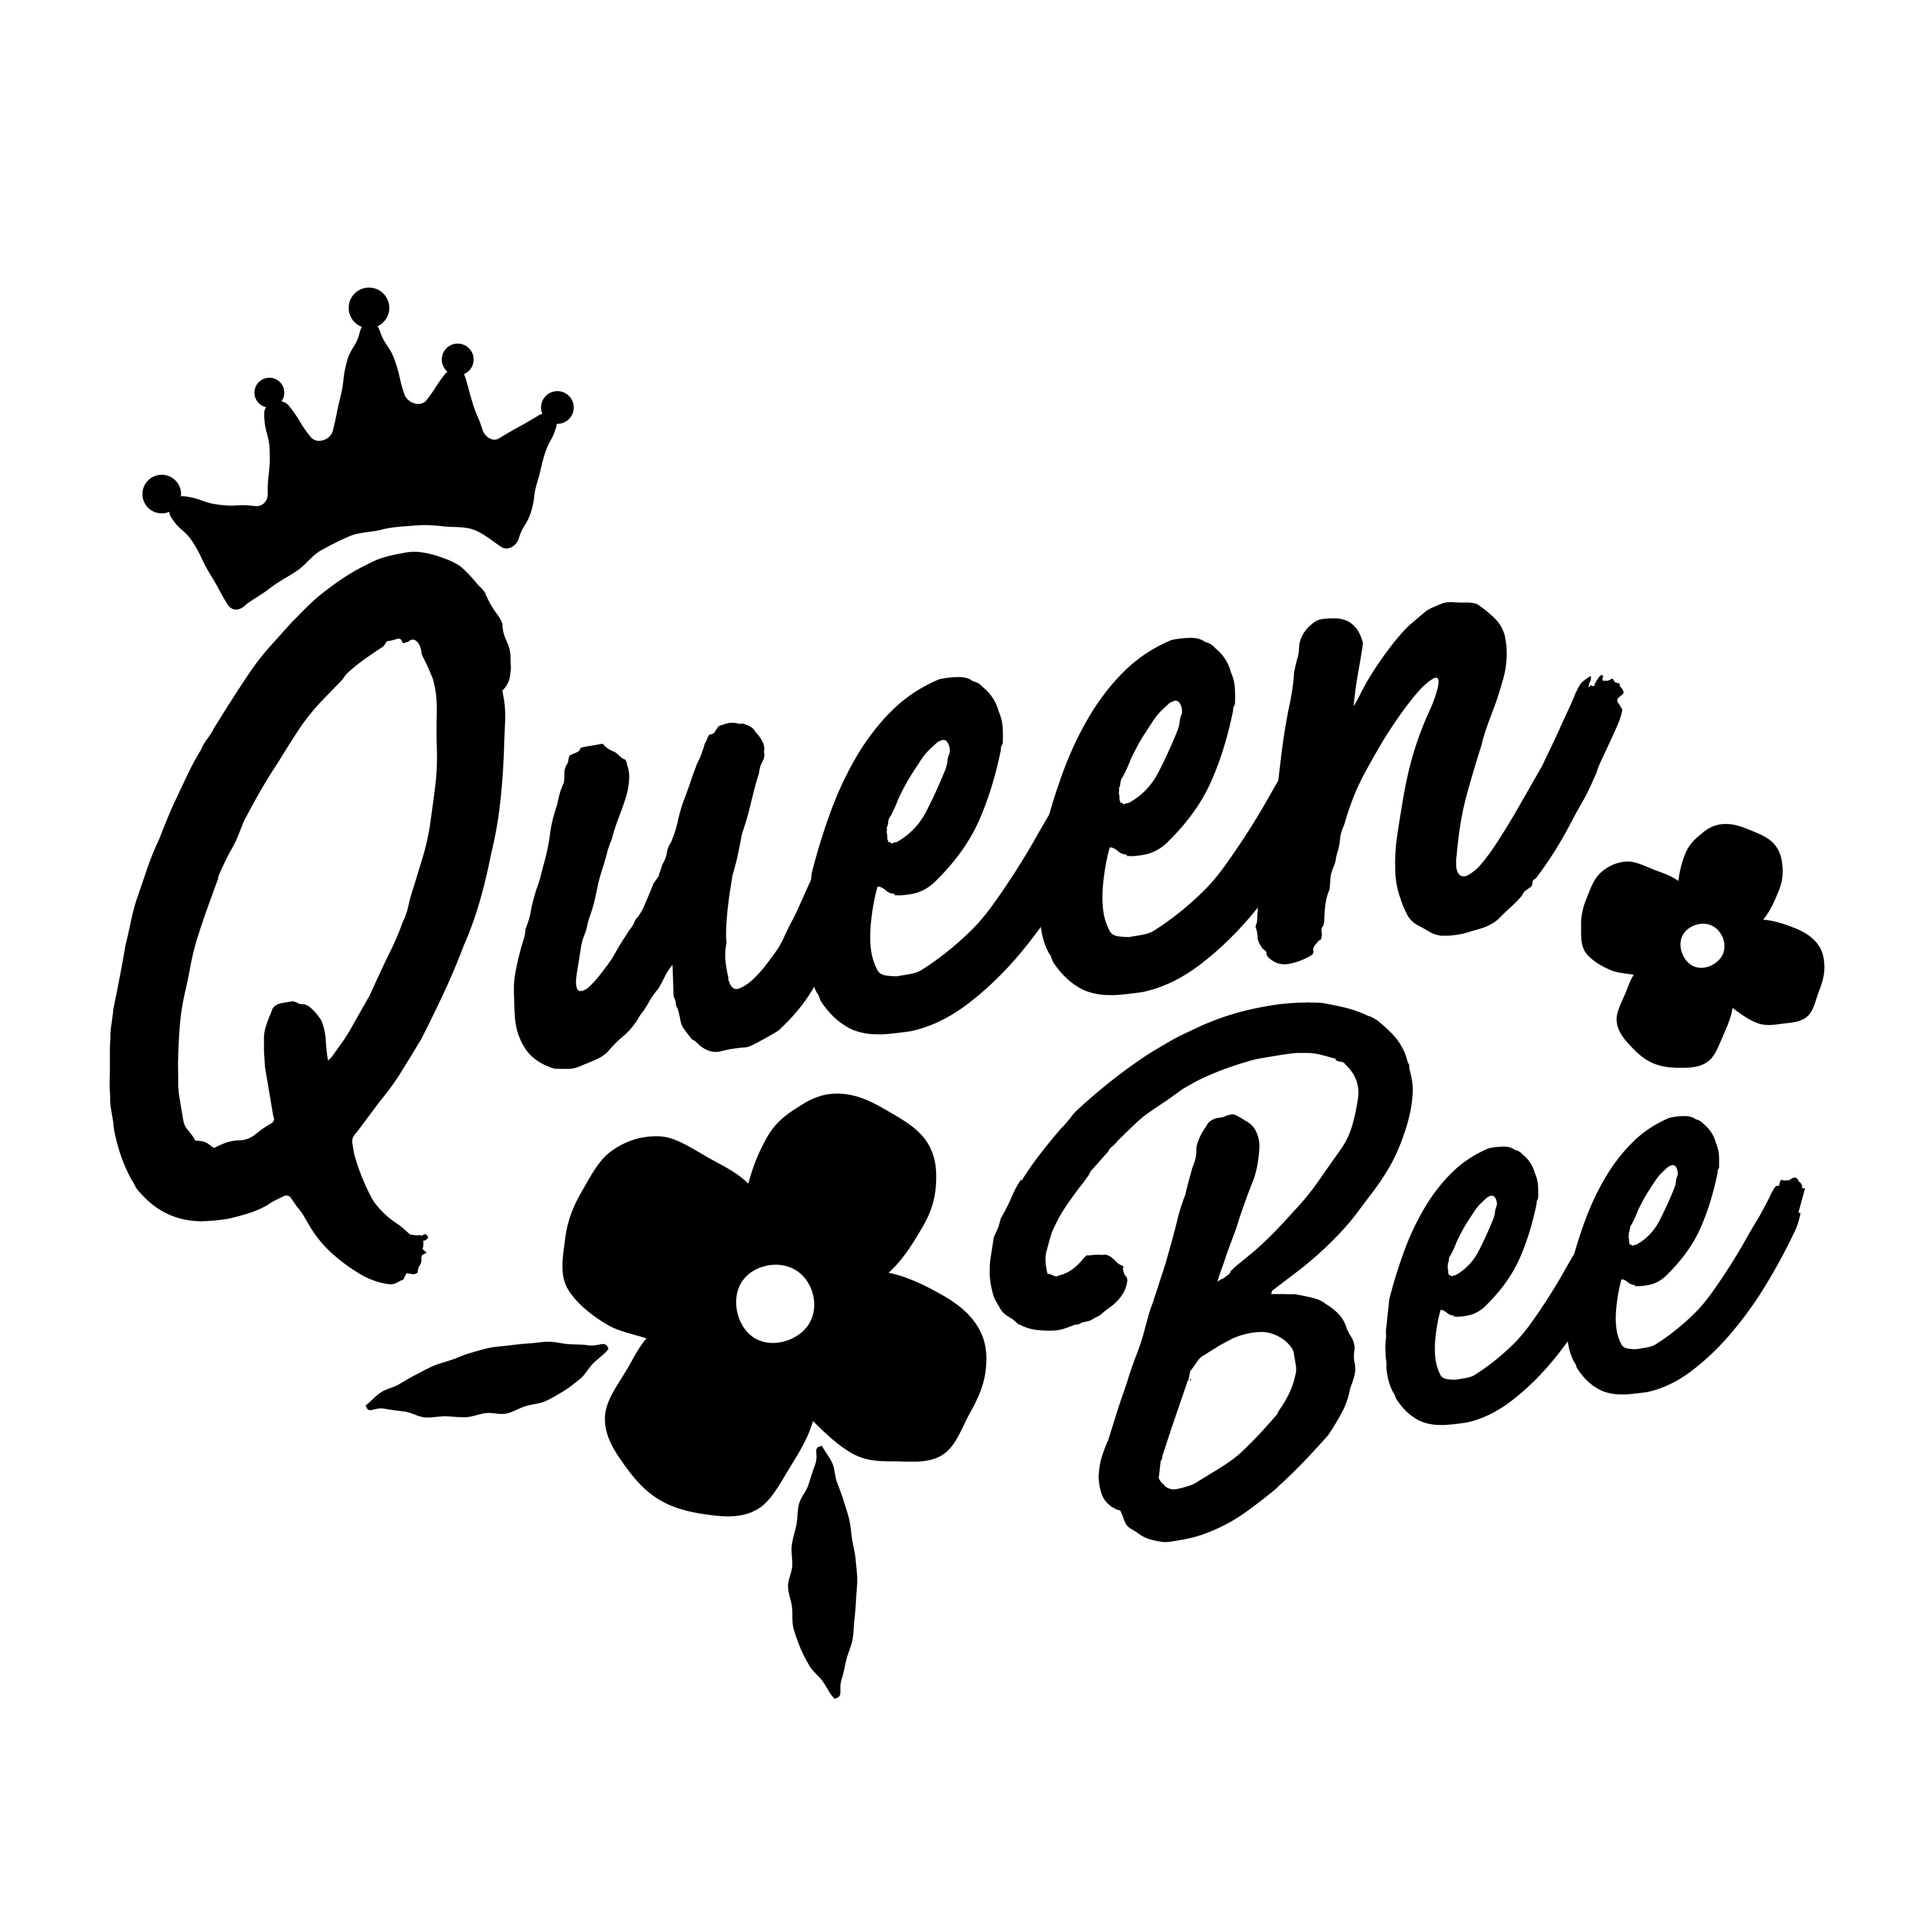 Queen Bee Design Graphic By Davidrockdesign